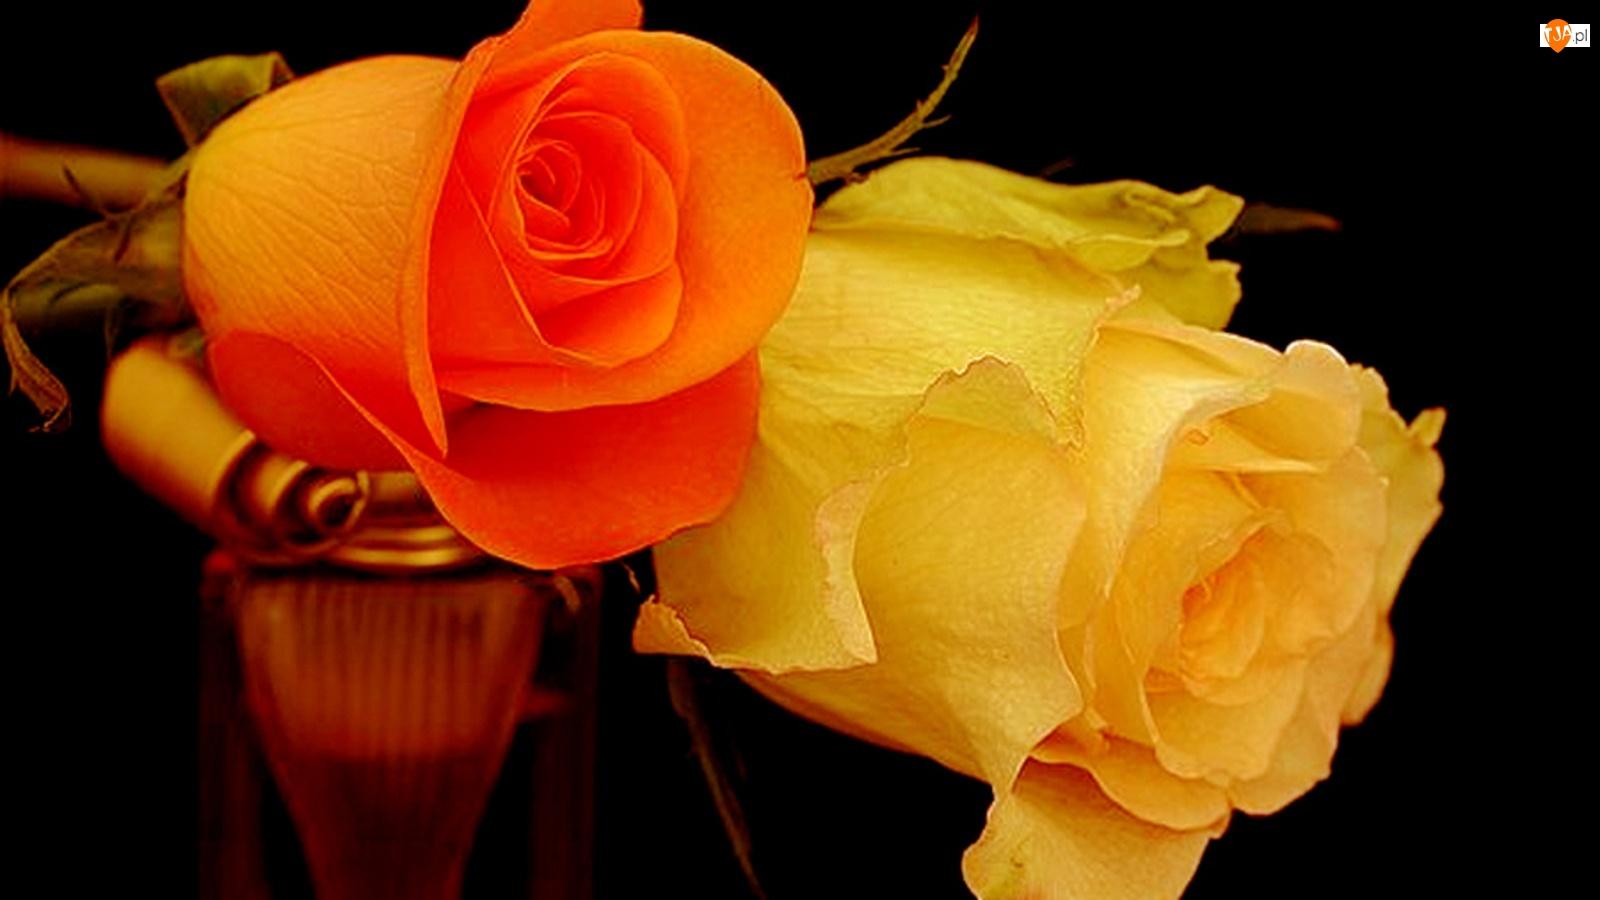 Открытка любимой женщине с цветами, добрым утром